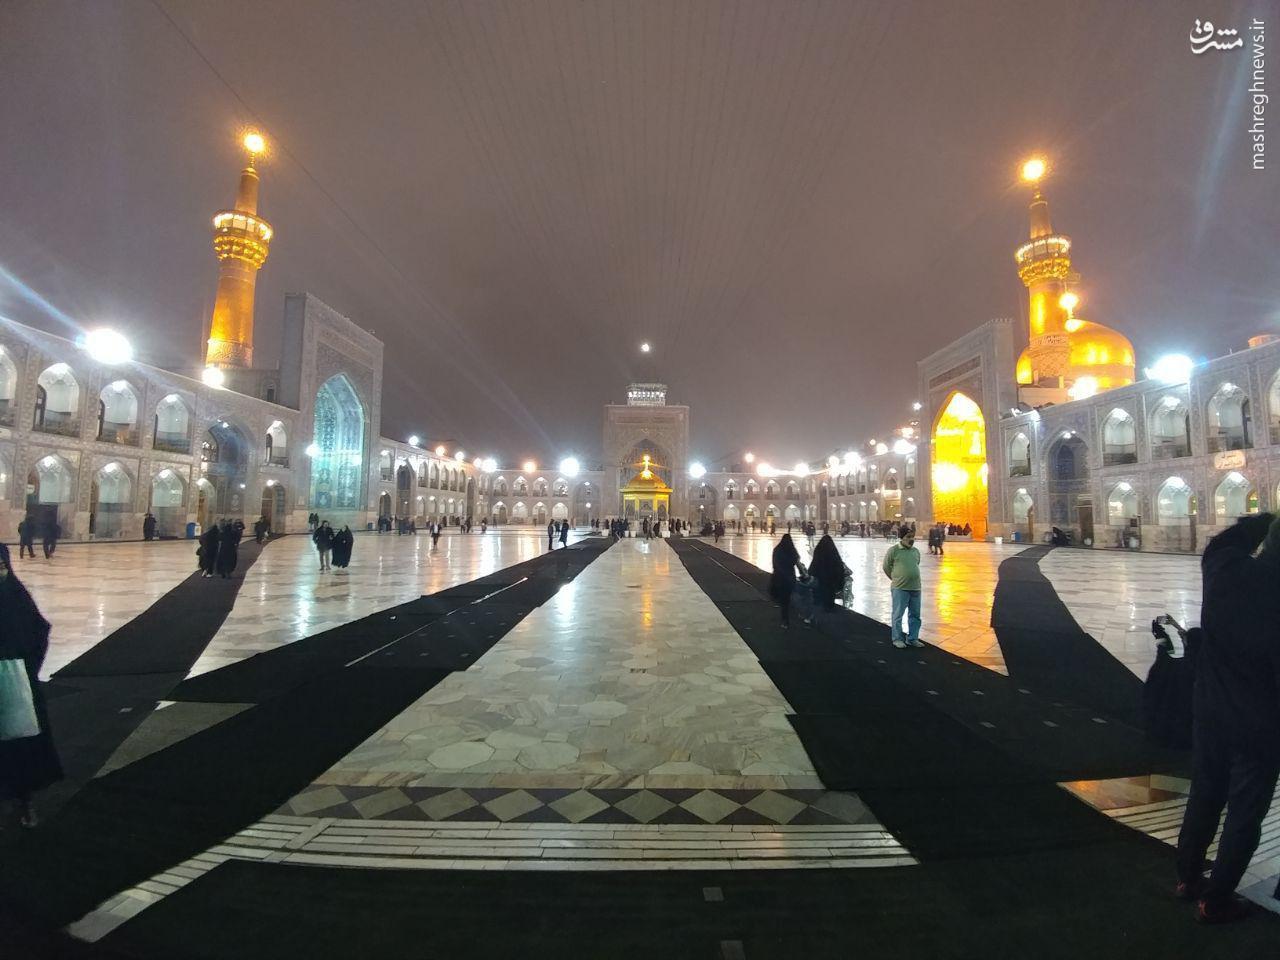 تصویری زیبا از حرم بارانی امام رضا علیه السلام